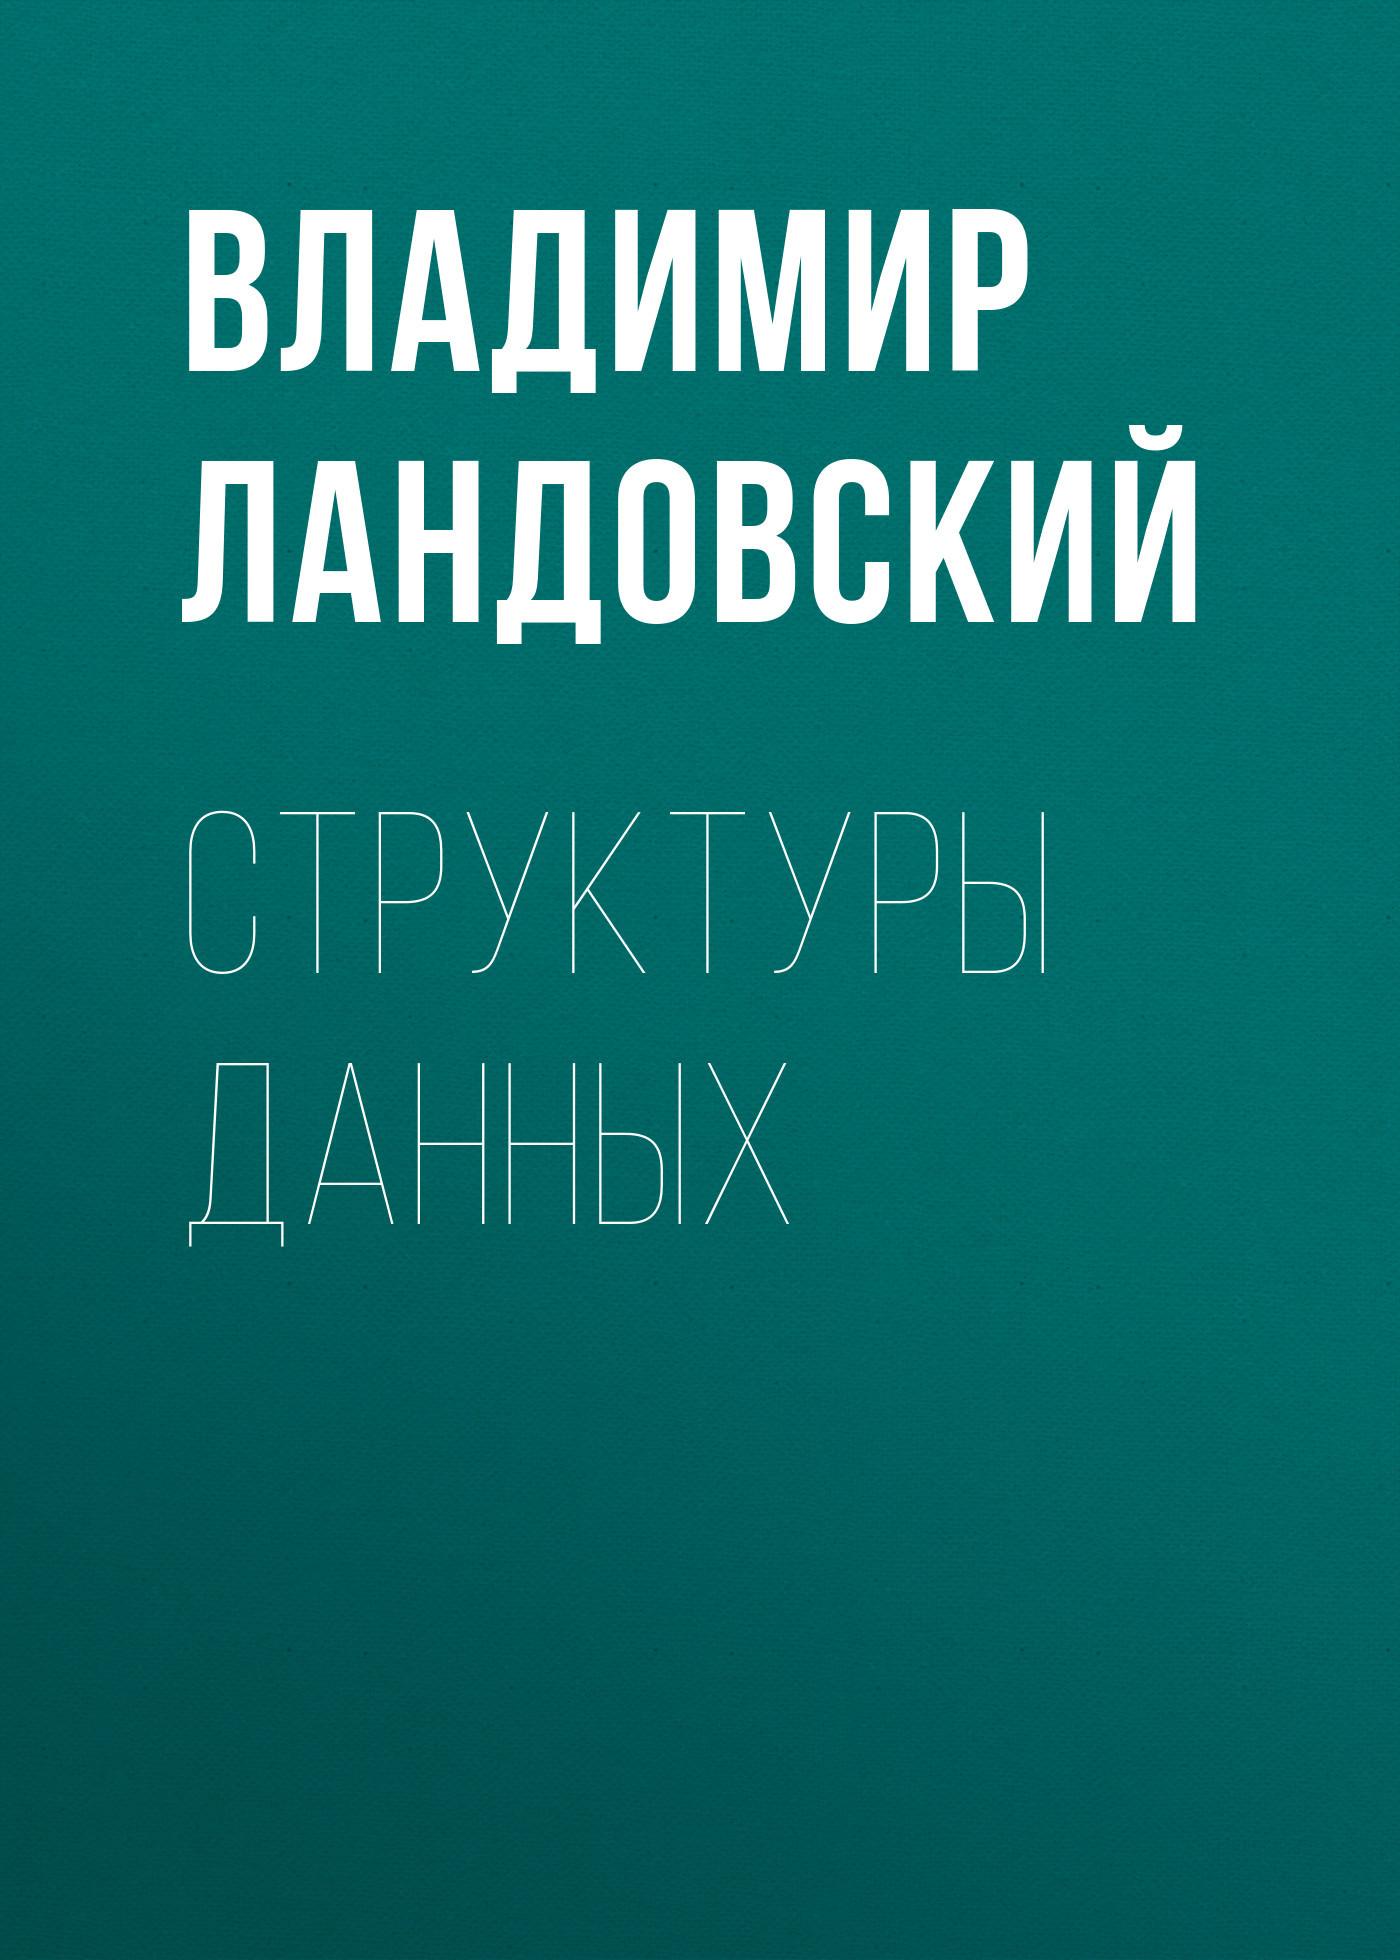 Владимир Ландовский бесплатно